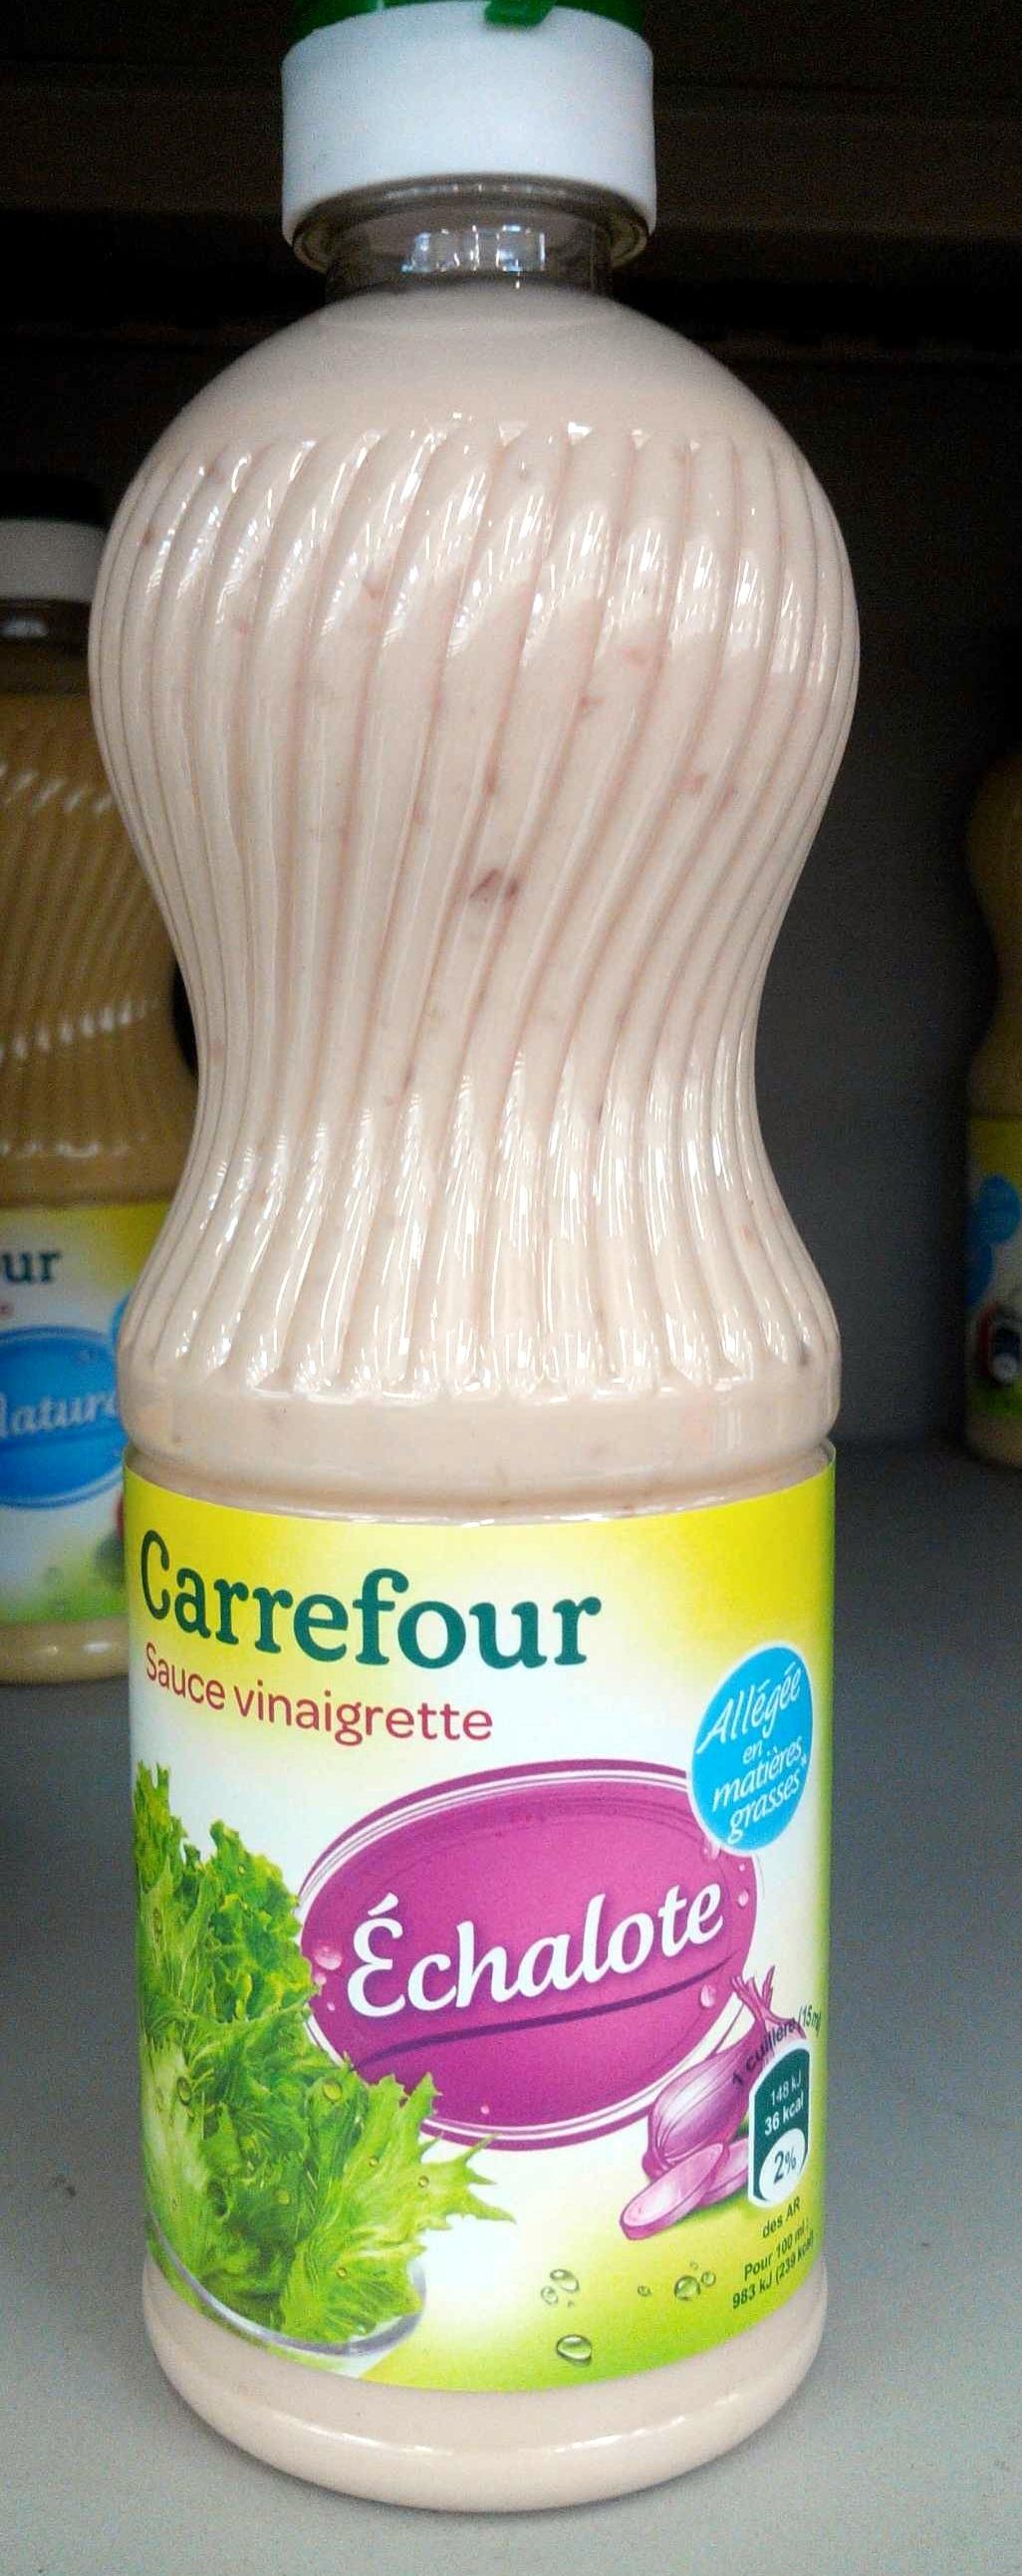 Sauce vinaigrette Échalote allégée - Product